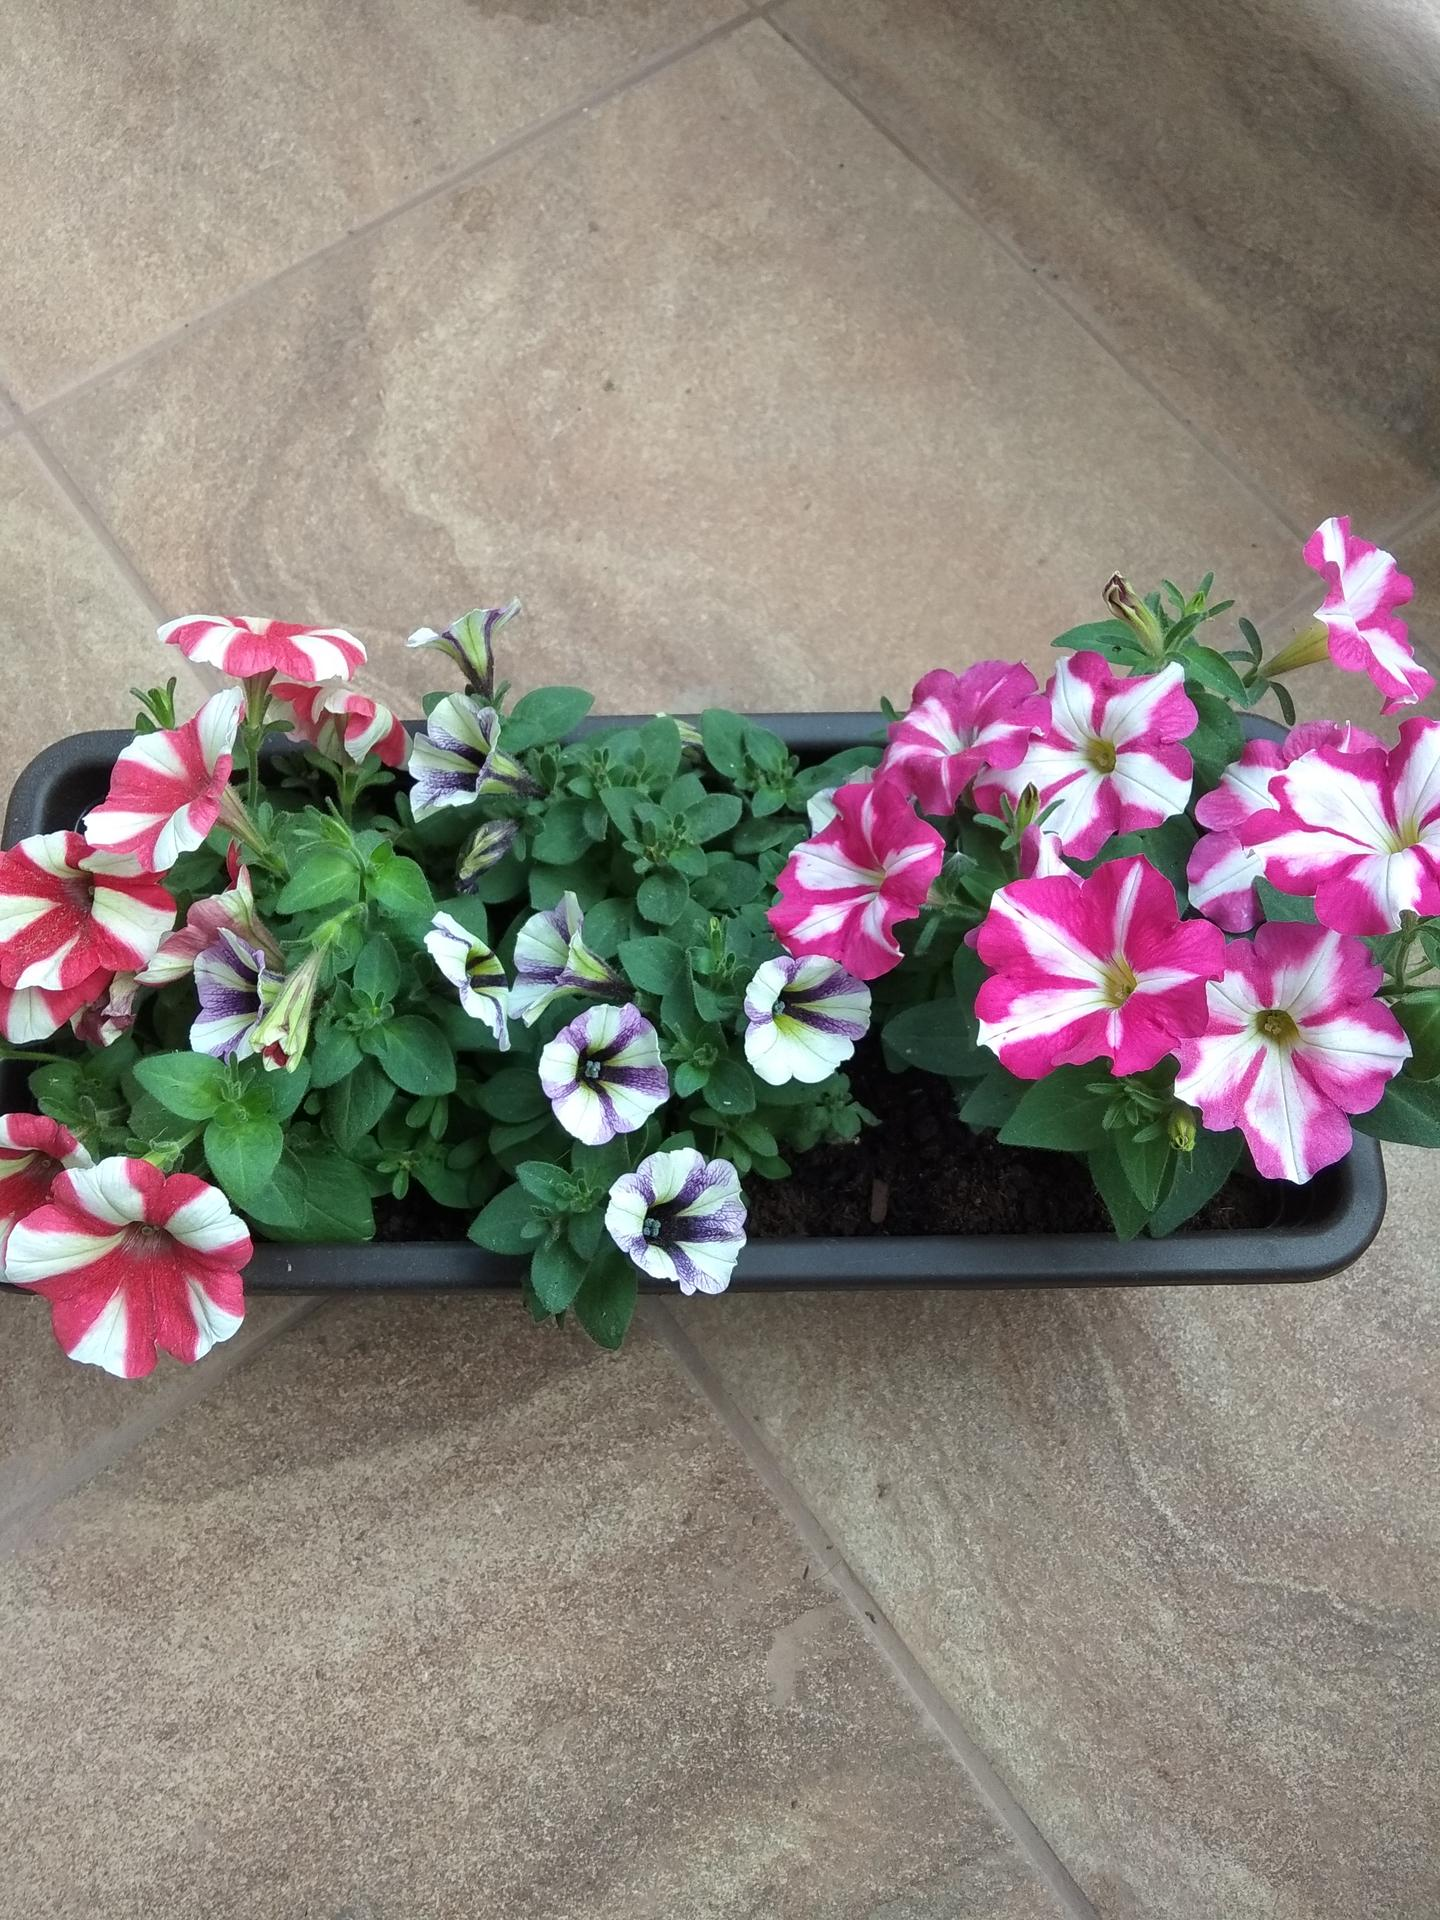 Moje balkónové kvetinkové miš - maš 🙂🌻🥀🍀🌸 - Obrázok č. 24